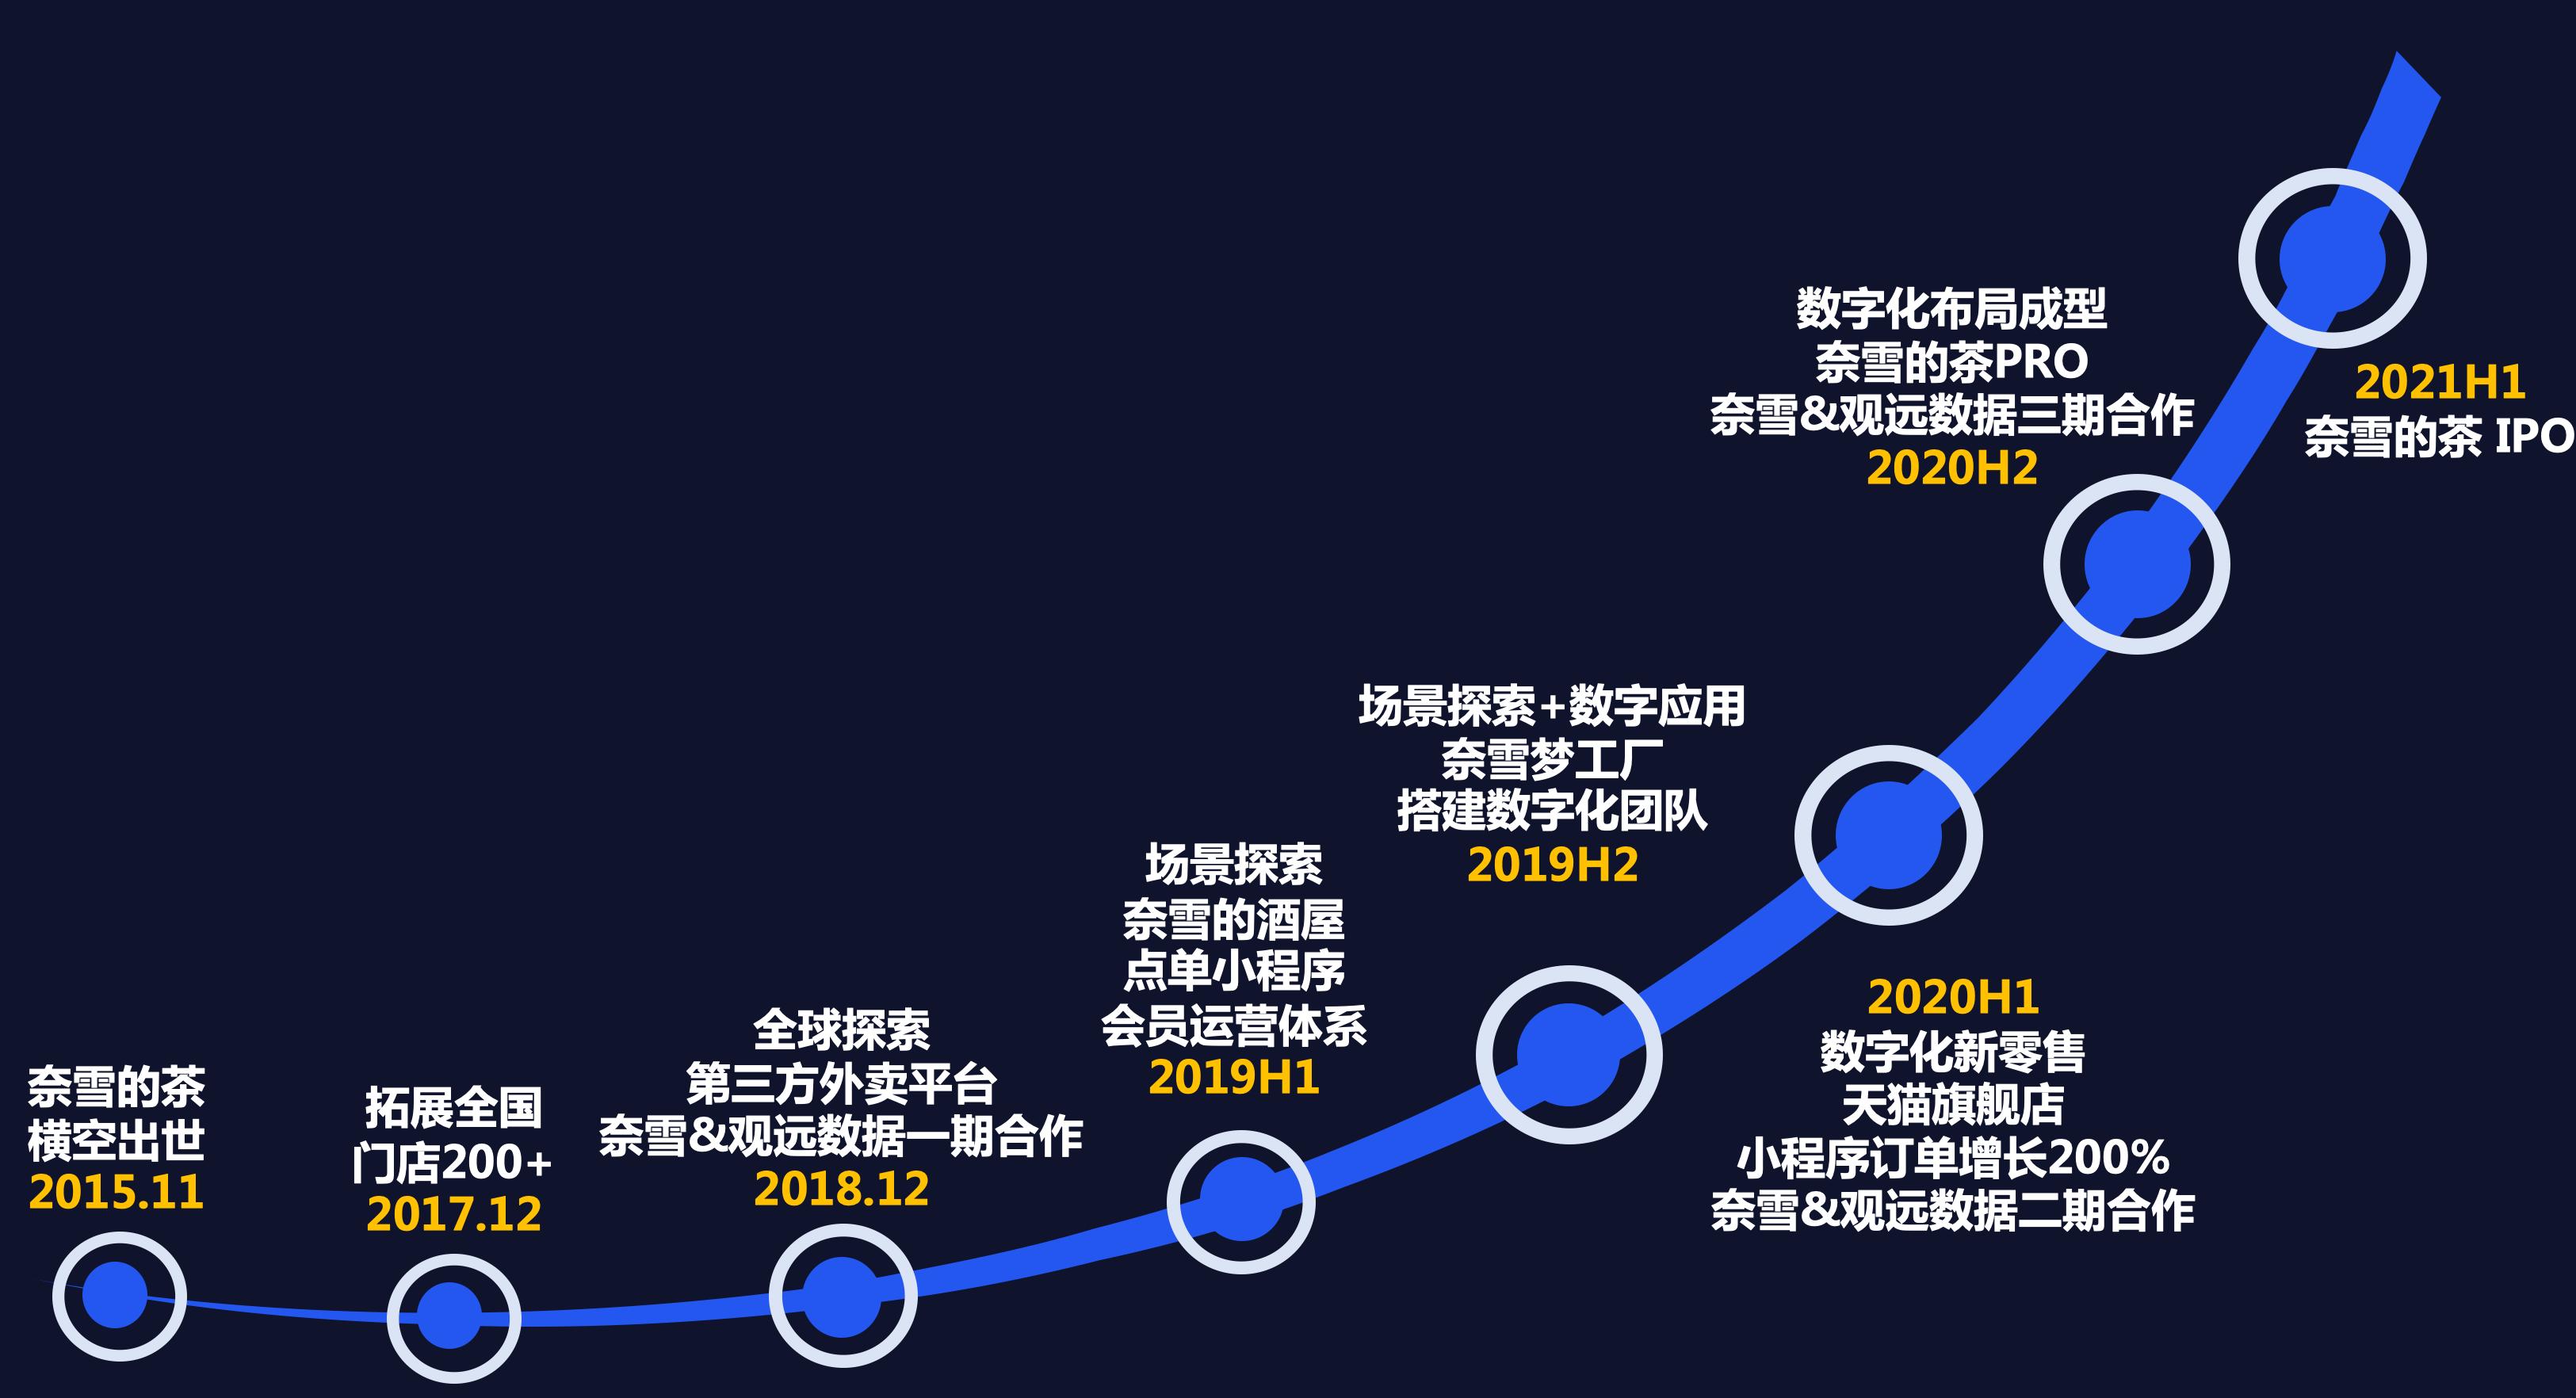 苏春园:抢跑全球茶饮第一股,奈雪的茶数据驱动决策之路